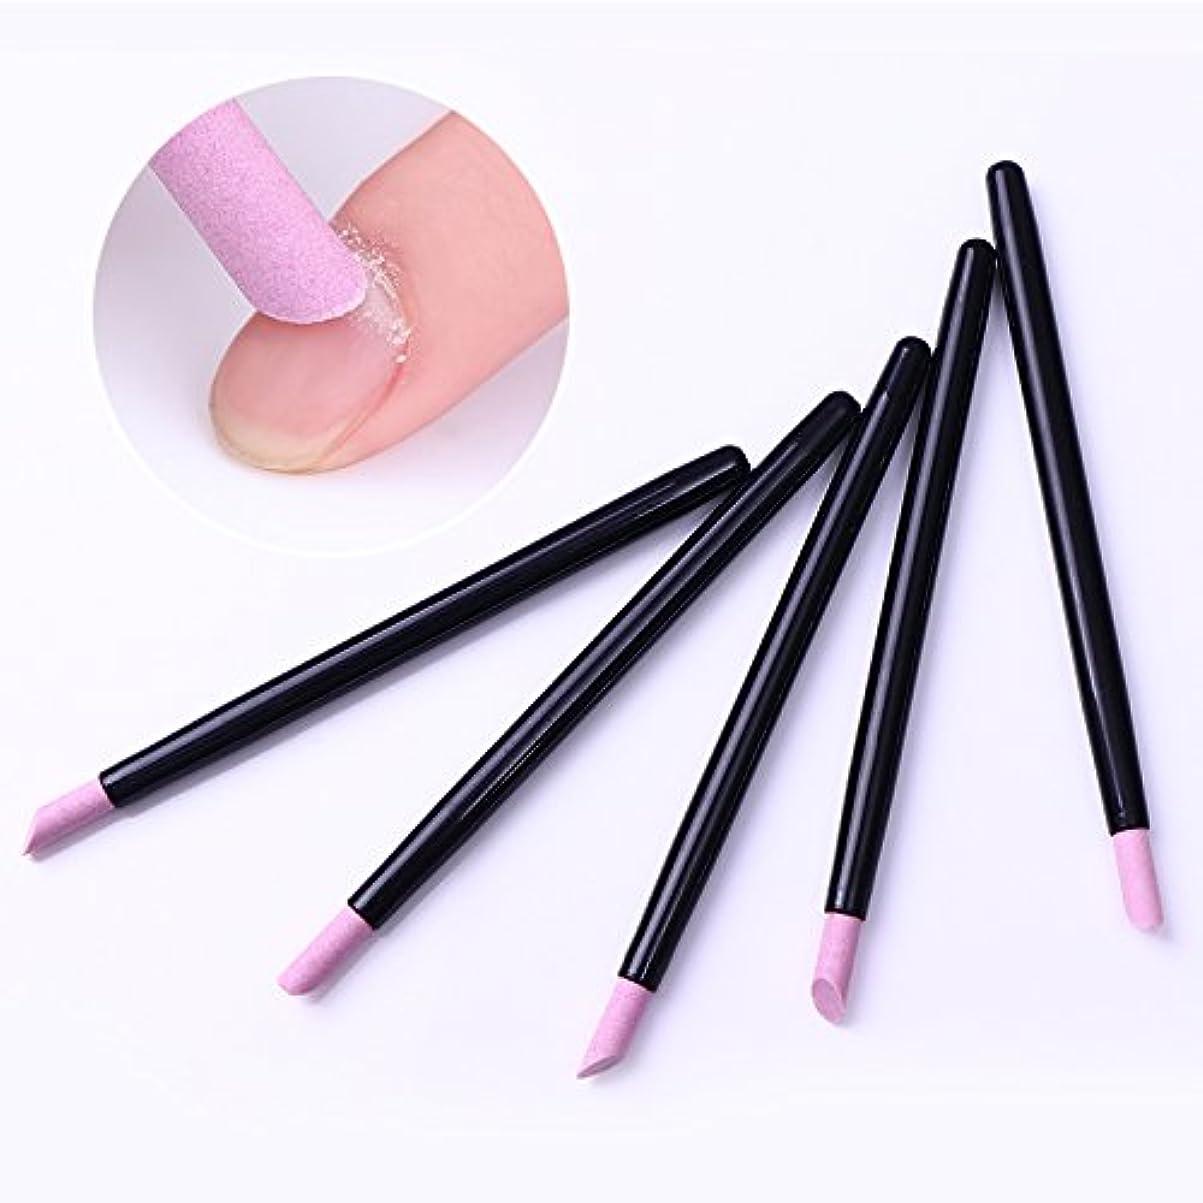 世代羨望屋内5Pcs Cuticle Remover Pusher Trimmer Quartz Stone Scrub Pen Nail Tool Black Handle Manicure Nail Care Tool キューティクルリムーバープッシャートリマークォーツストーンスクラブペンネイルツールブラックハンドルマニキュアネイルケアツール